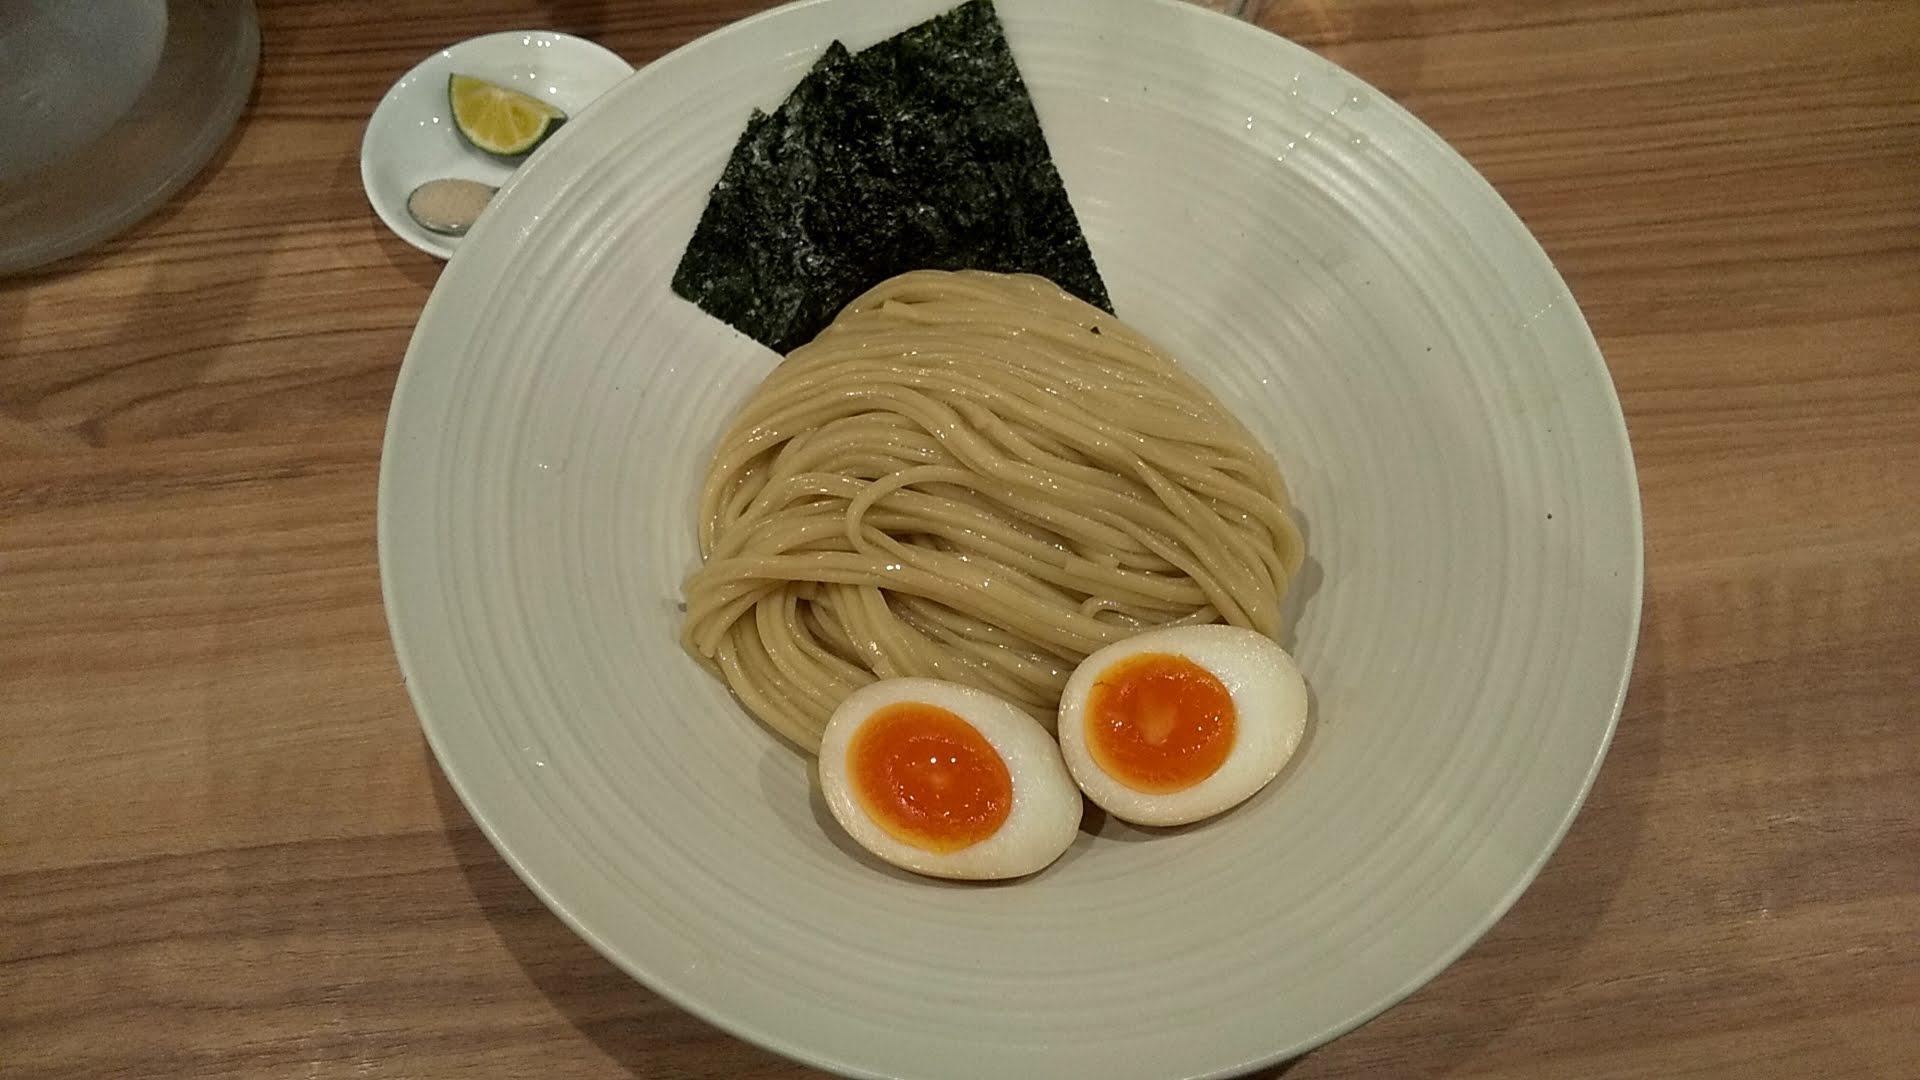 ほん田秋葉原店の特製醤油つけの麺皿